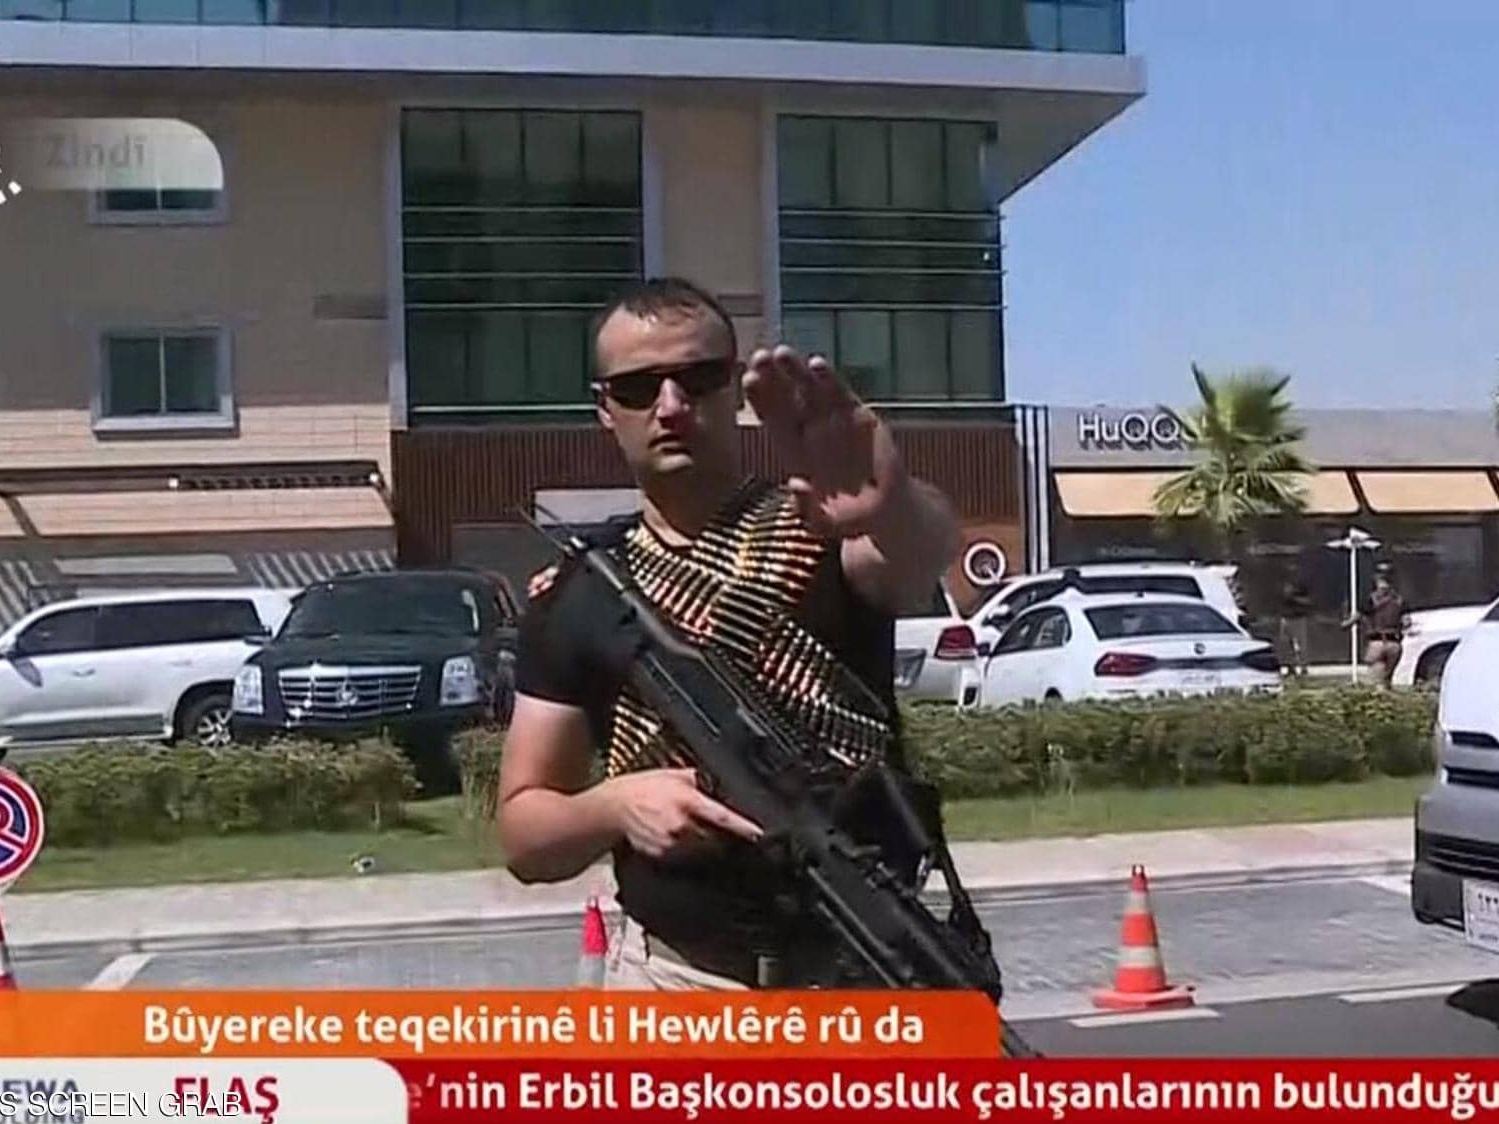 Трое турецких дипломатов погибли при нападении в столице Иракского Курдистана